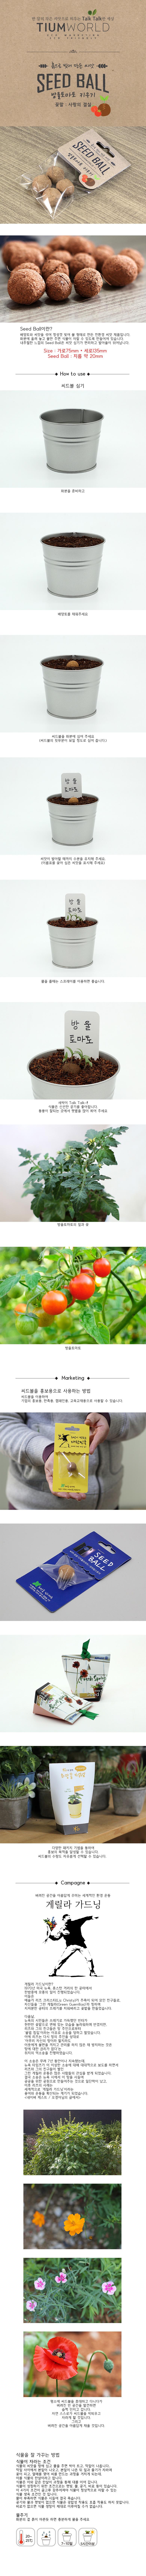 씨드볼-방울토마토 - 틔움세상, 2,000원, 새싹/모종키우기, 씨앗